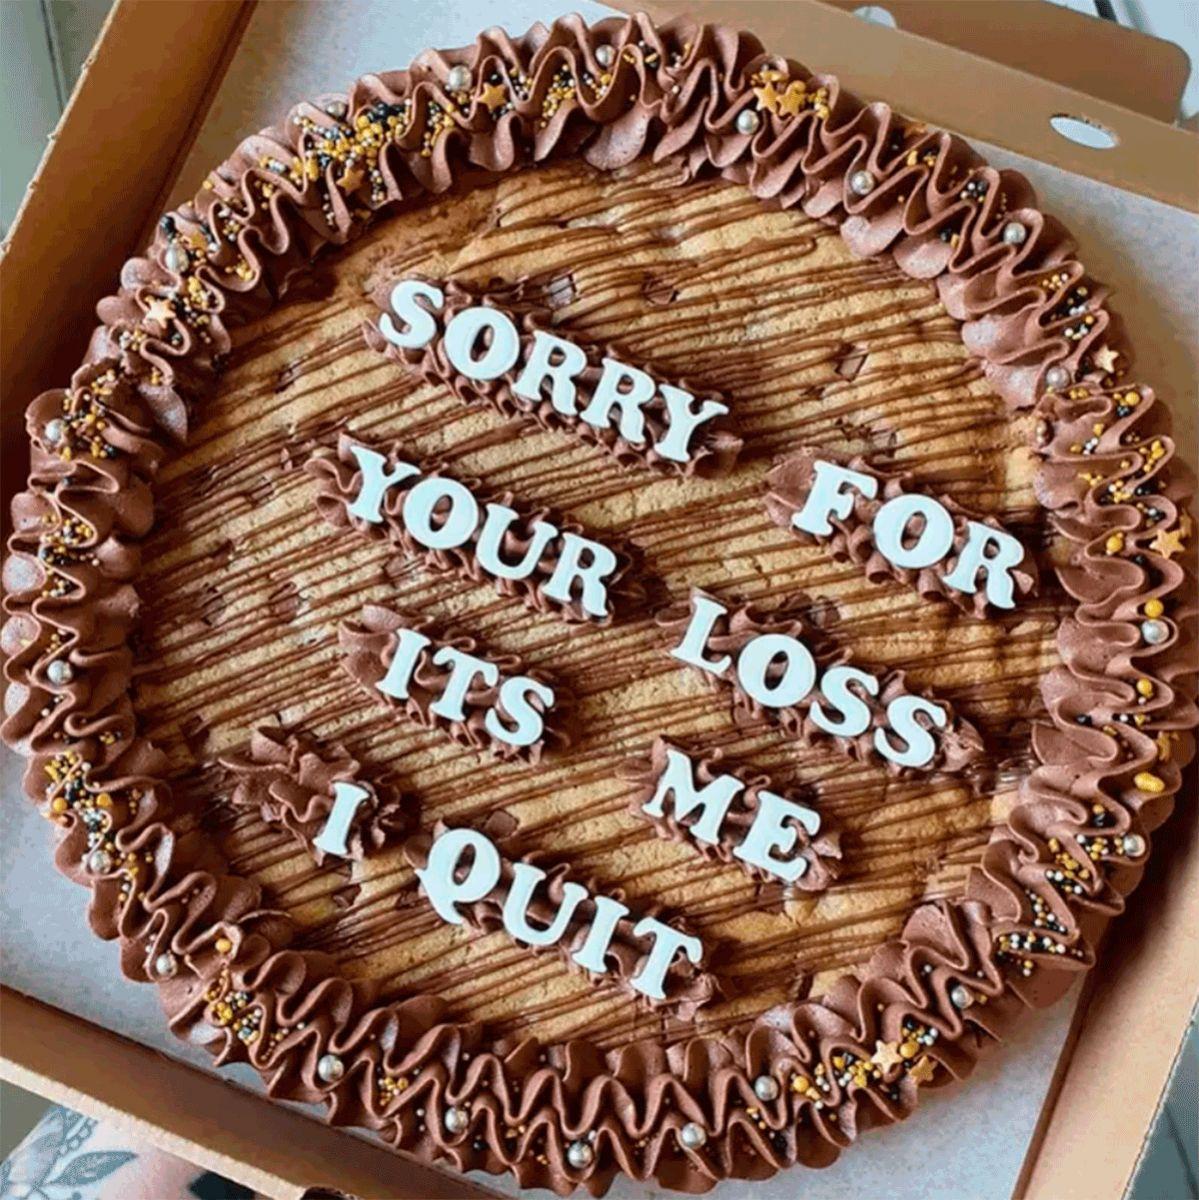 Torta.